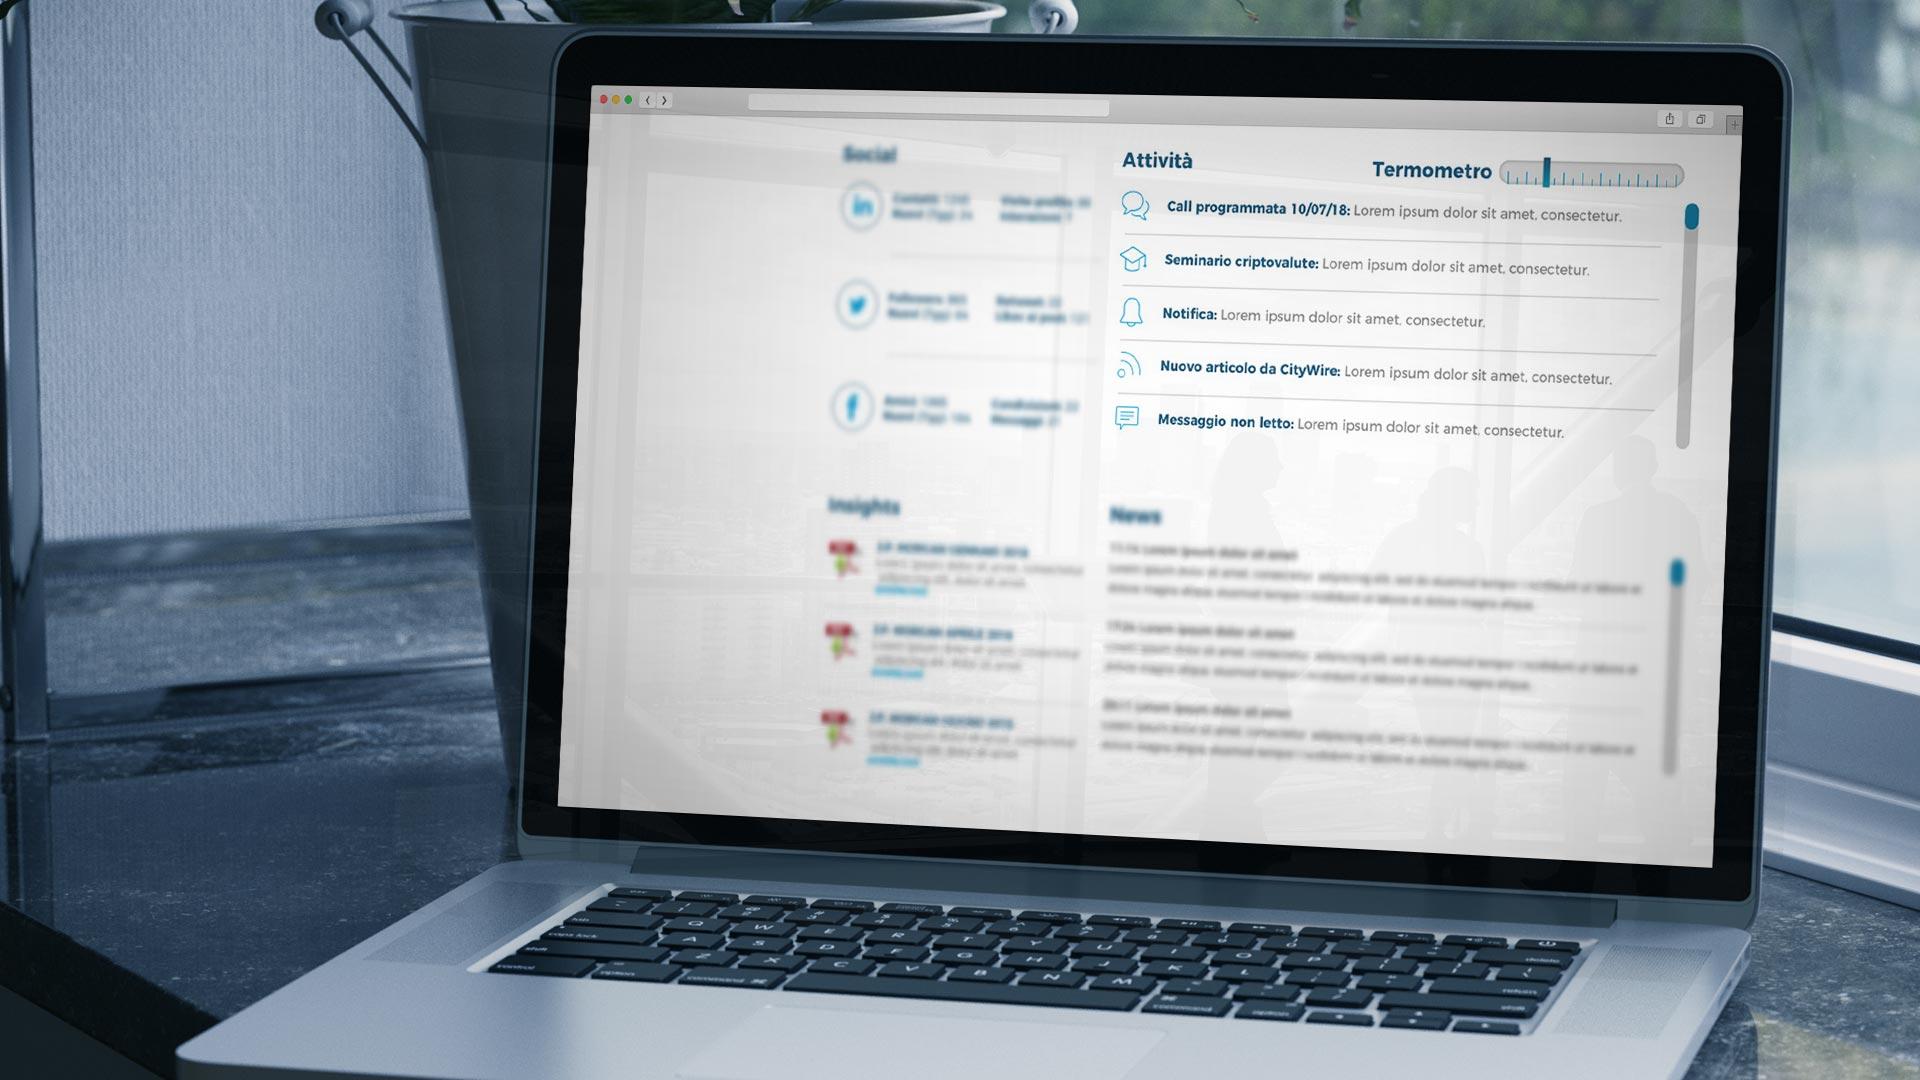 Piattaforma consulenti finanziari indipendenti: strumenti di assistenza clienti - Fairvalyou